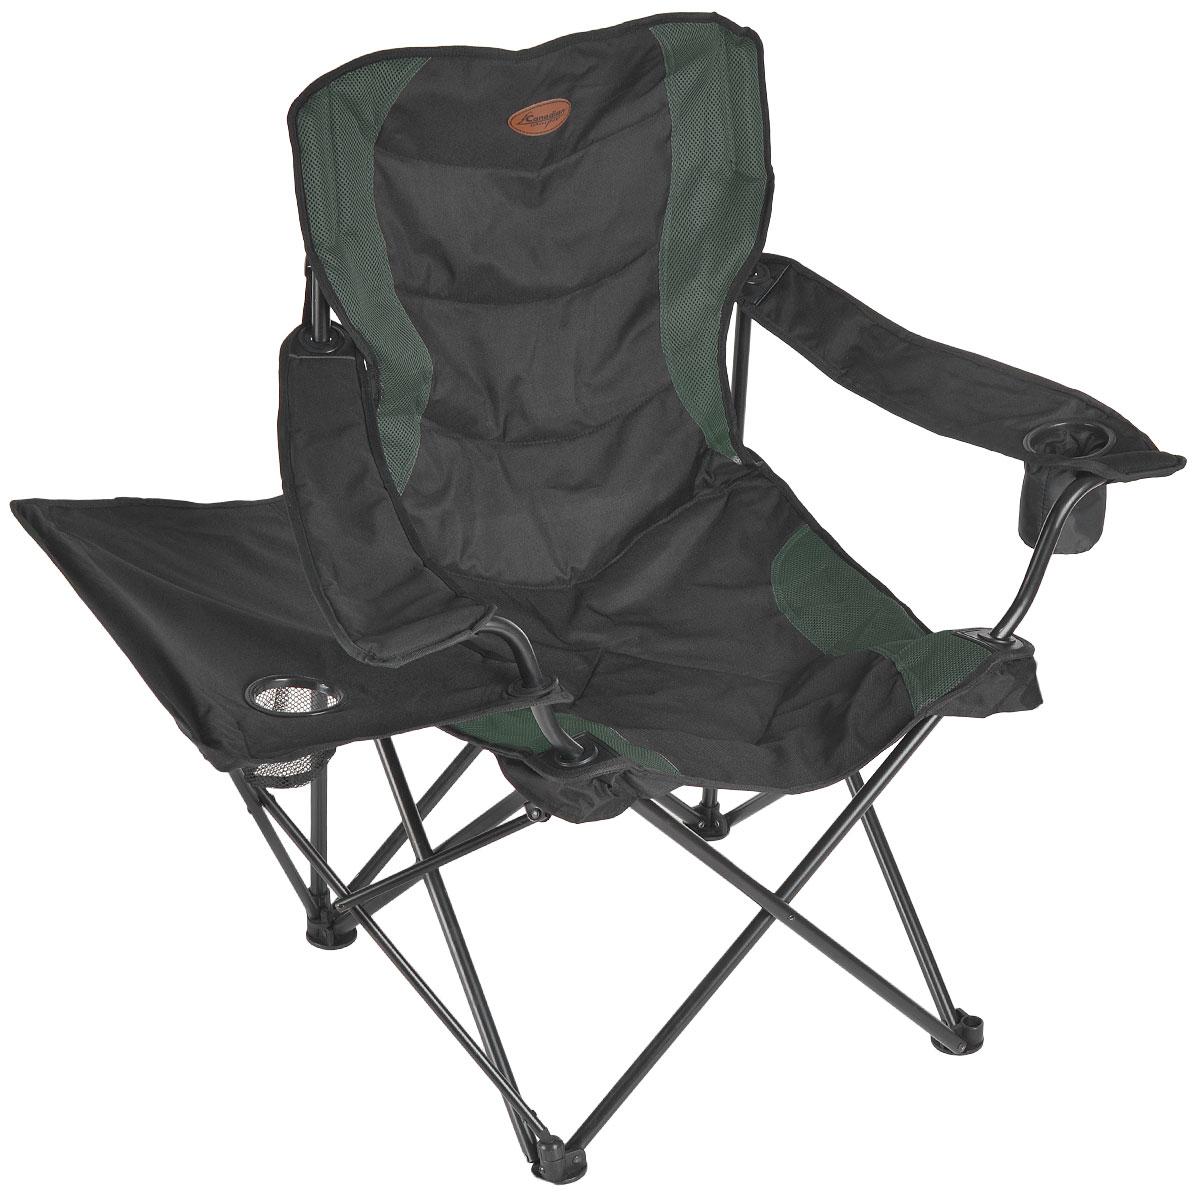 Кресло складное Canadian Camper CC-399T, цвет: зеленый, 58 см х 66 см х 107 см31100061Складное кресло Canadian Camper CC-399T с широким сиденьем и подлокотниками станет незаменимым предметом в походе, на природе, на рыбалке, а также на даче. На подлокотнике имеется отделение для бутылки или стакана. Кресло имеет прочный стальной каркас, оно легко собирается и разбирается и не занимает много места, поэтому подходит для транспортировки и хранения дома.